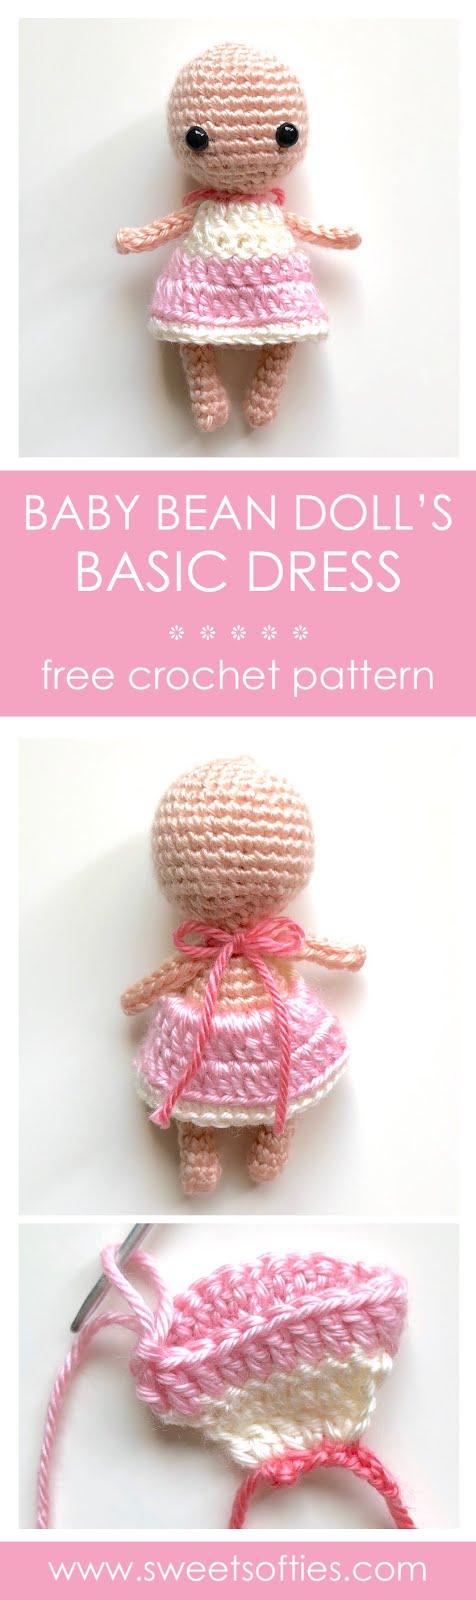 Delightful Dollies: 15 Free Crochet Doll Patterns! - moogly | 1600x476